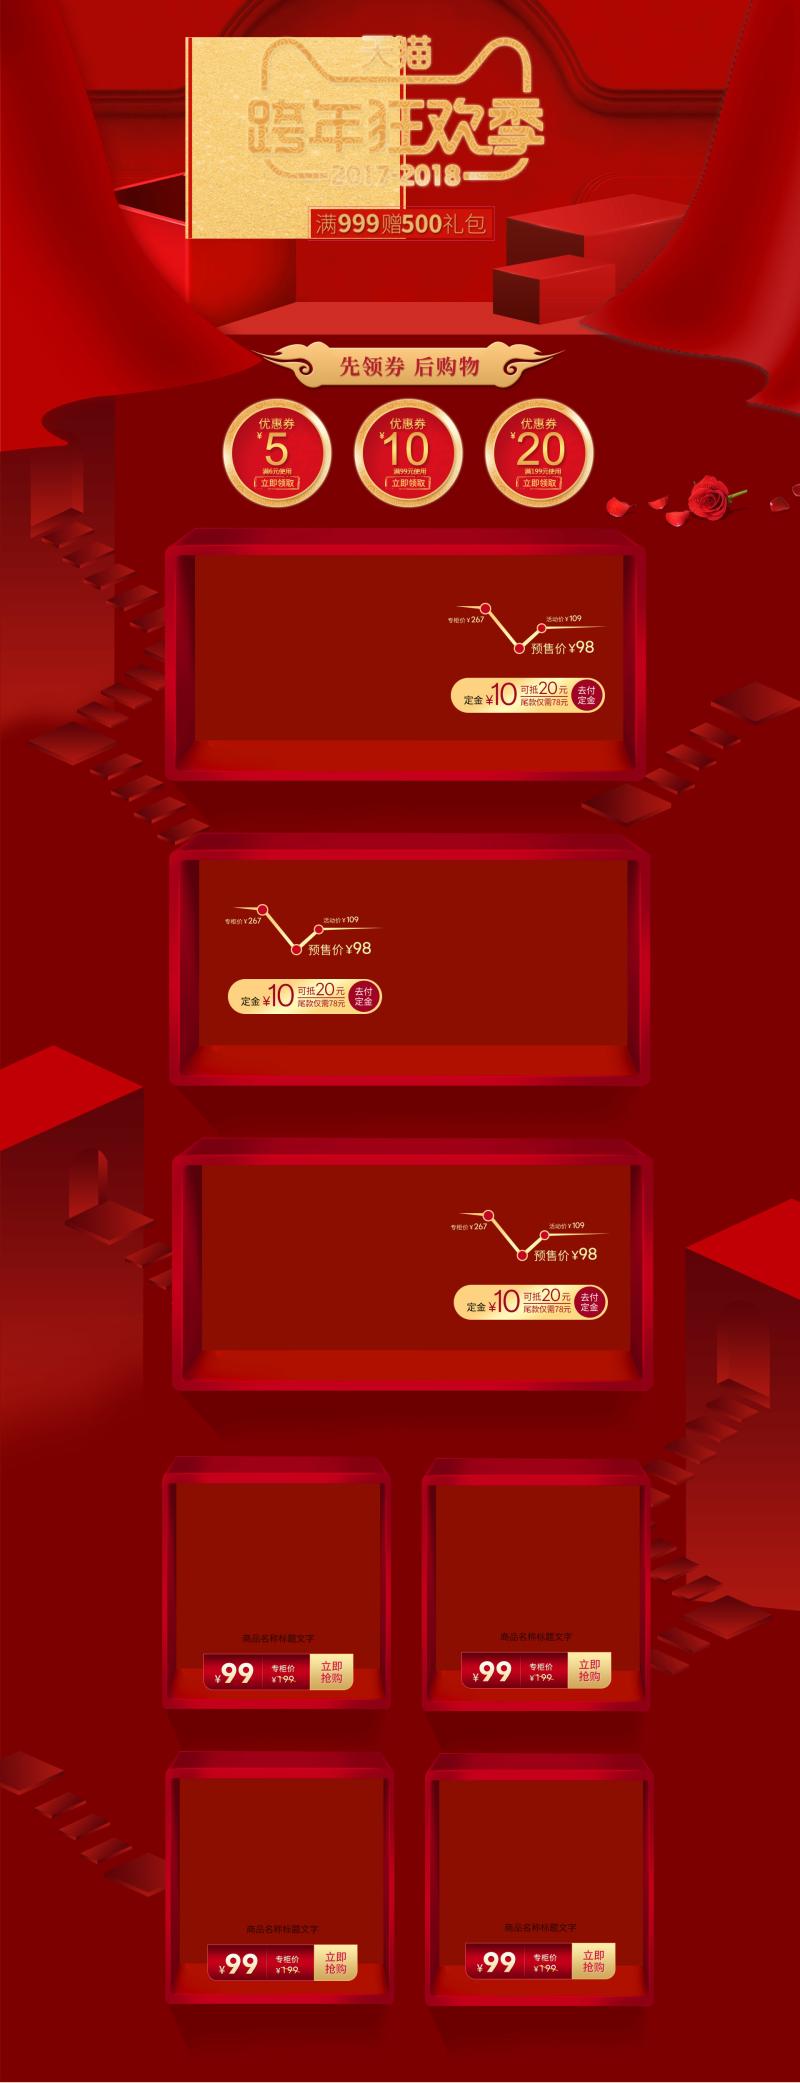 天貓跨年狂歡季紅色化妝品促銷店鋪首頁